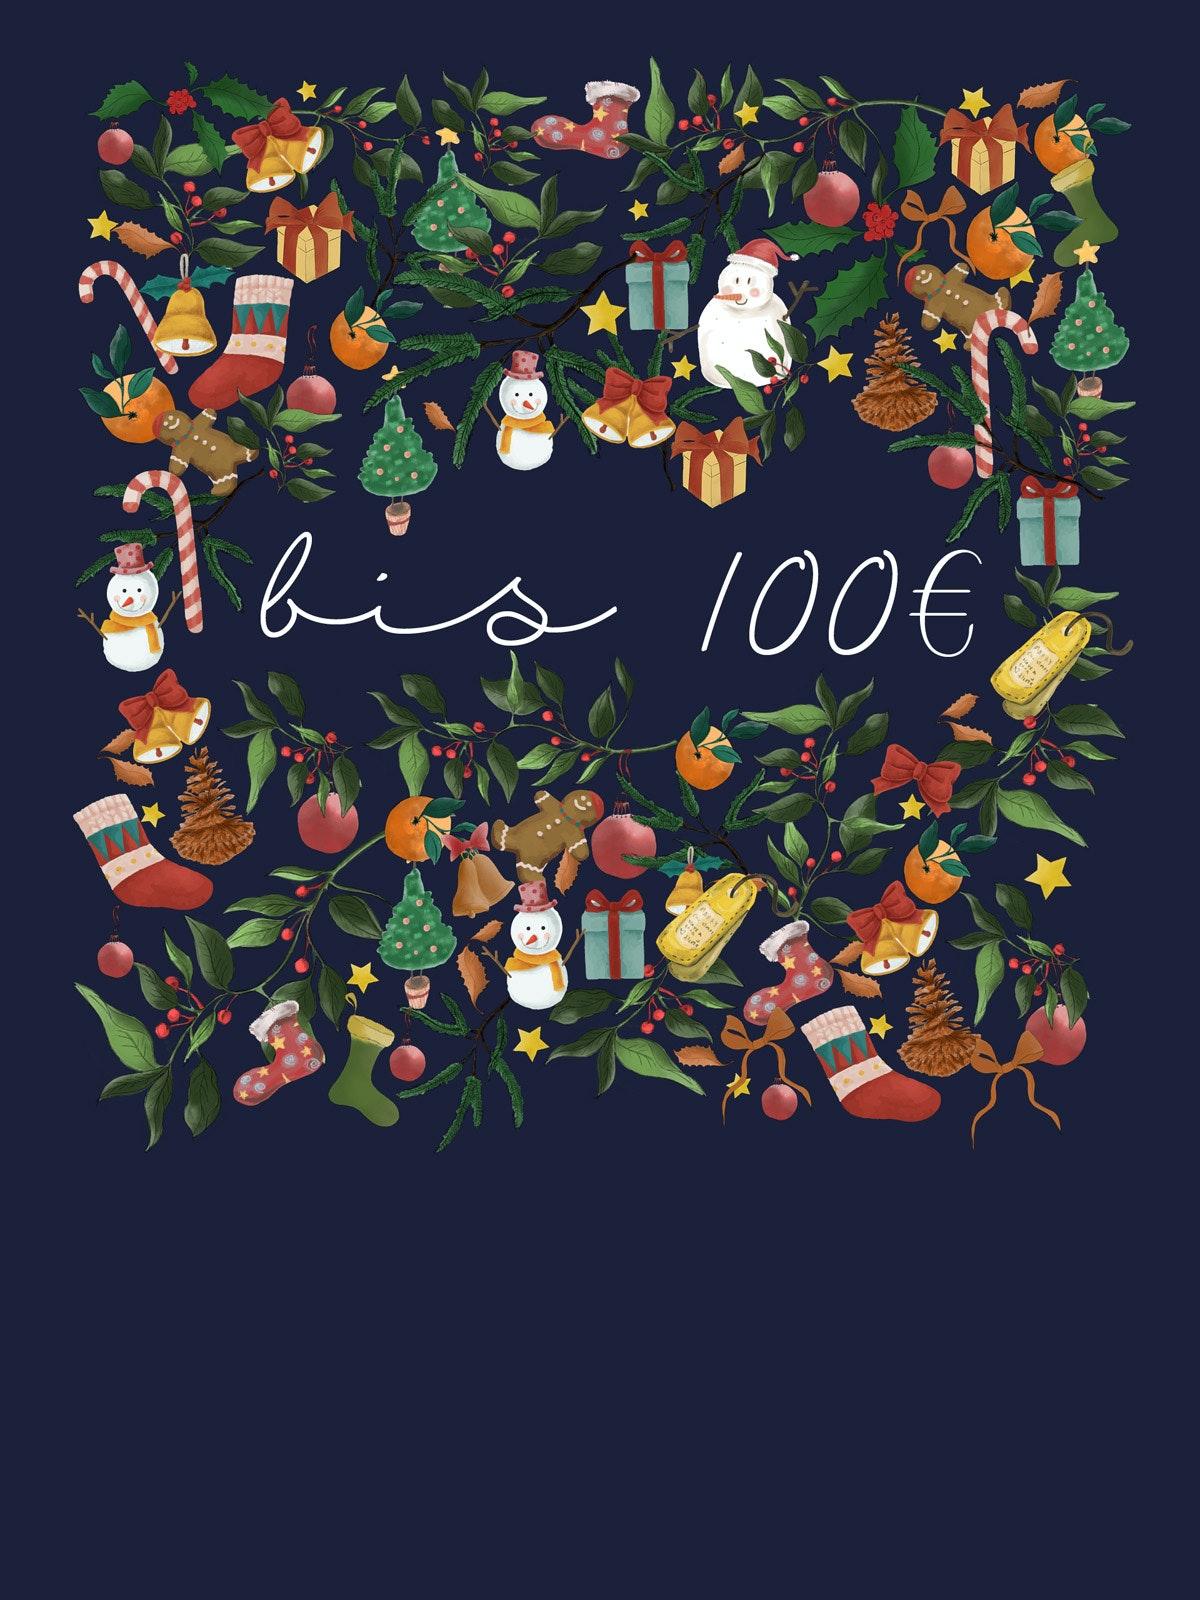 Geschenkideen bis 100€ | Seidensticker